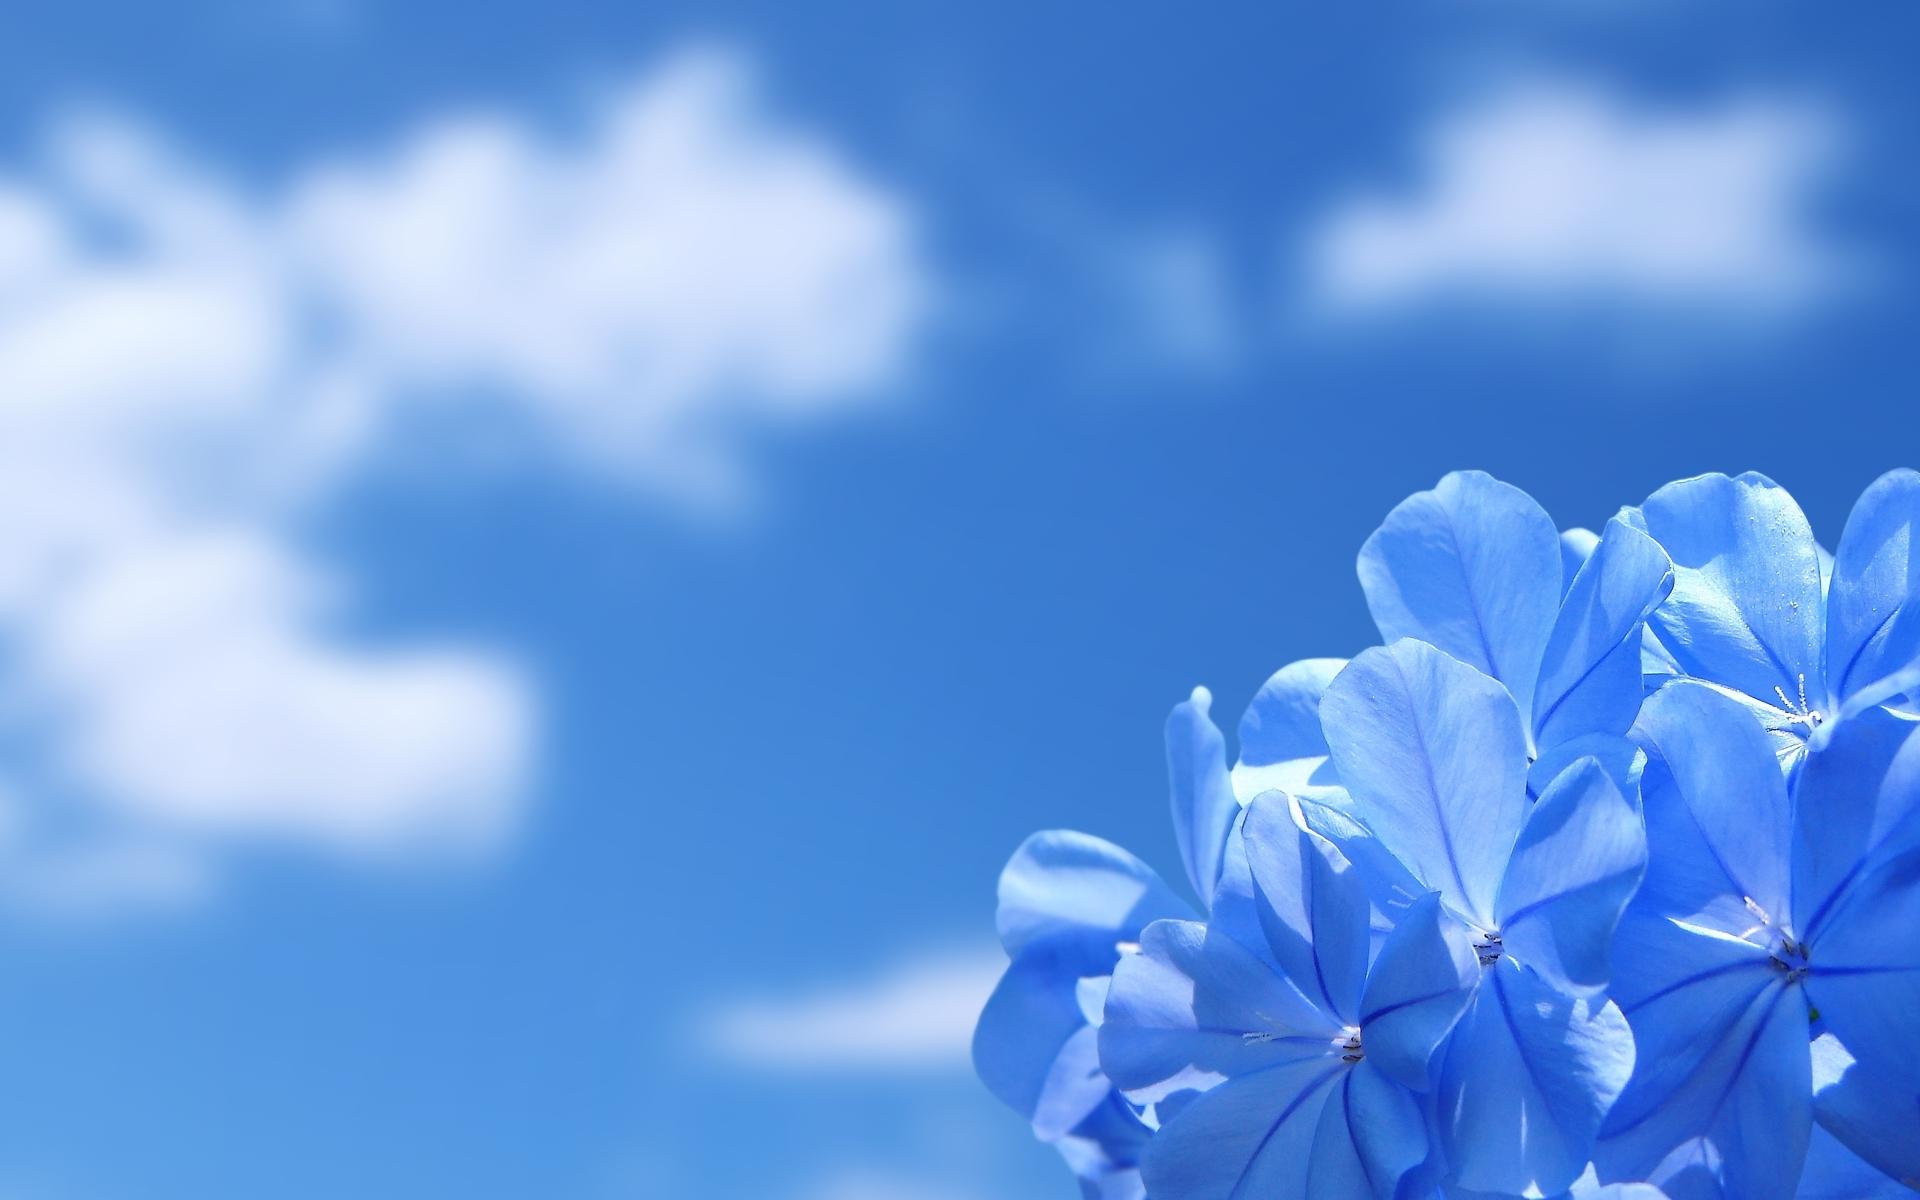 природа цветы голубые  № 1334374 загрузить